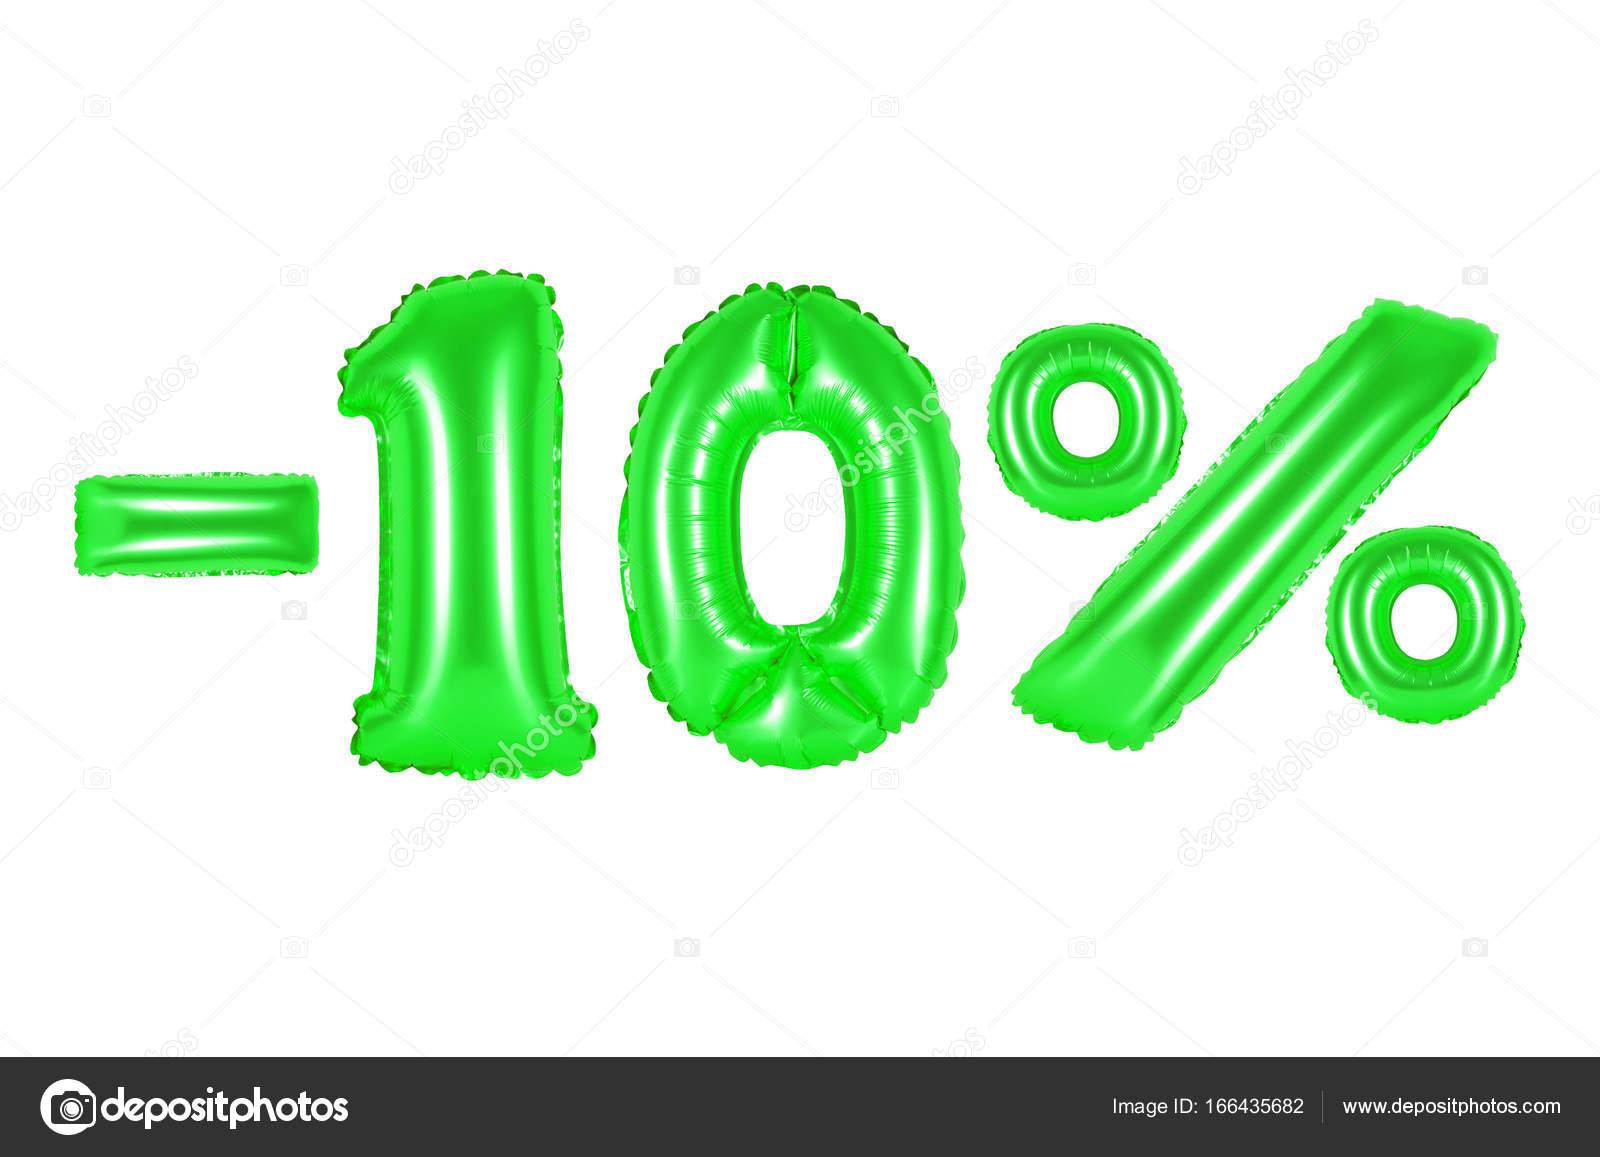 10 percent, green color — Stock Photo © aquarius1983men #166435682